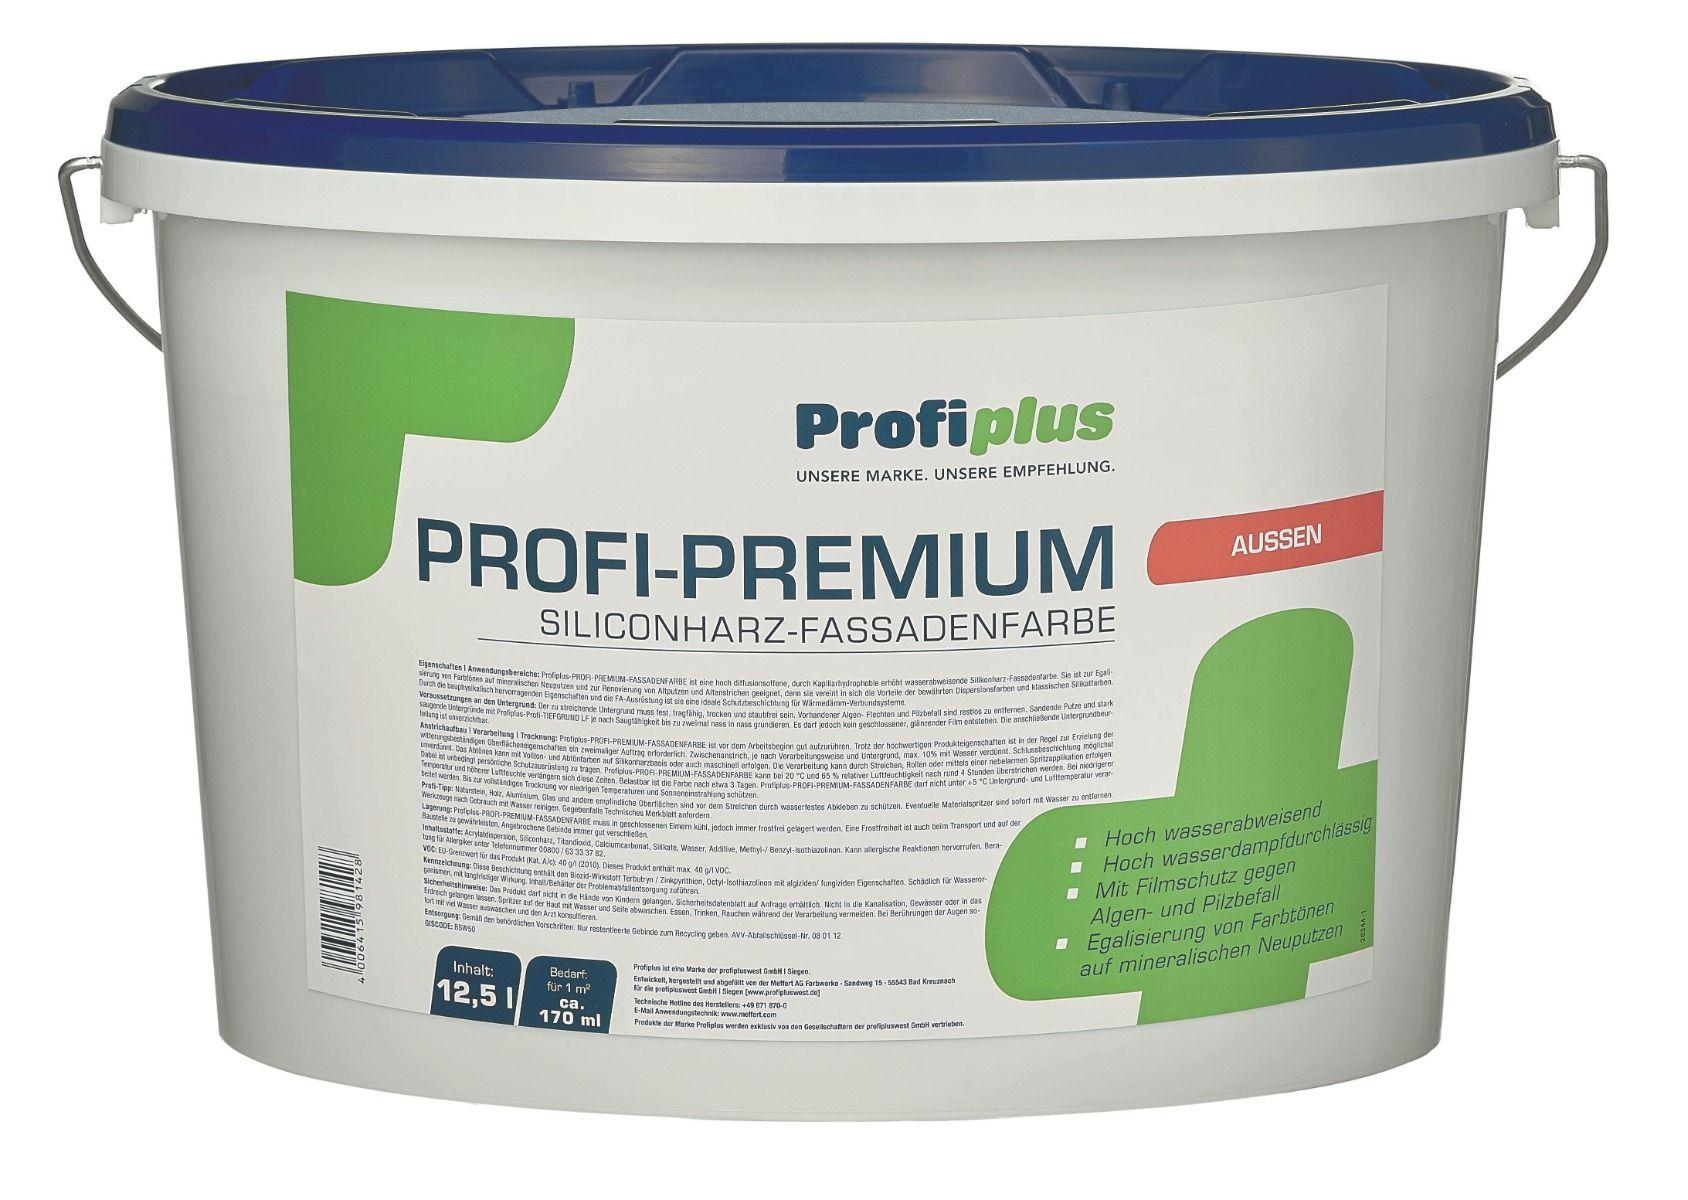 Profiplus Fassadenfarbe CL.weiß 12,5l